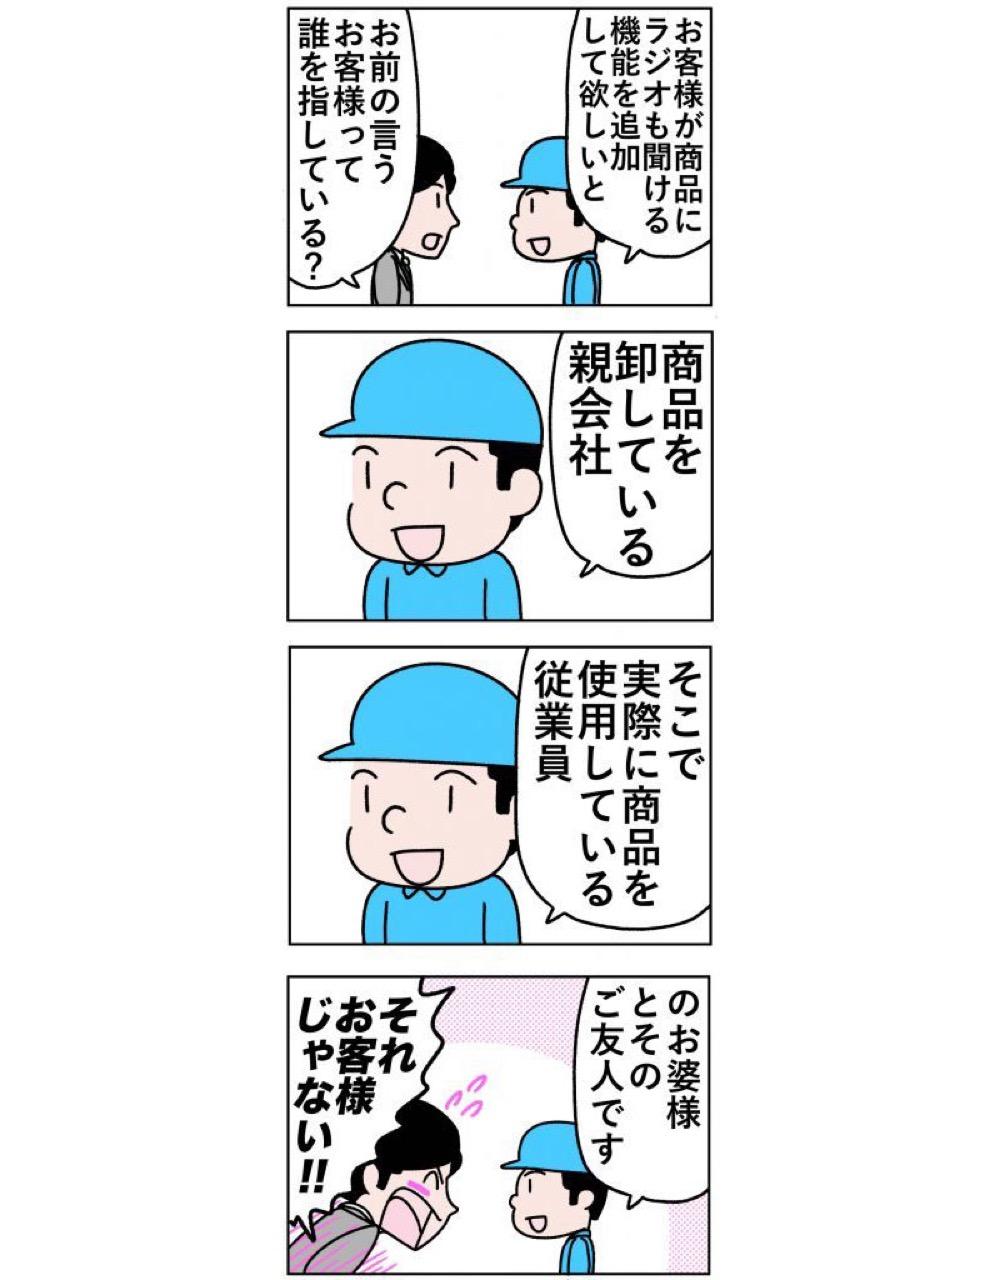 柿内_これからの②_001